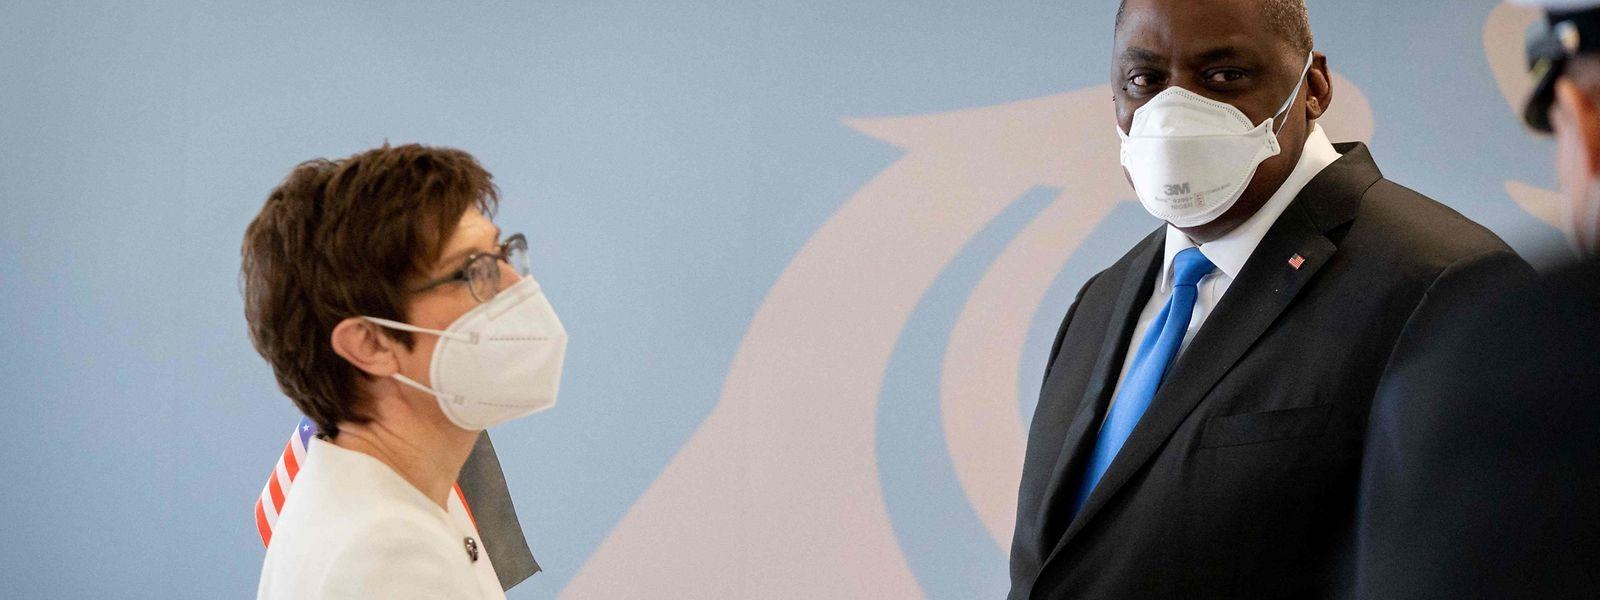 US-Verteidigungsminister Lloyd Austin und seine deutsche Gastgeberin Annegret Kramp-Karrenbauer.